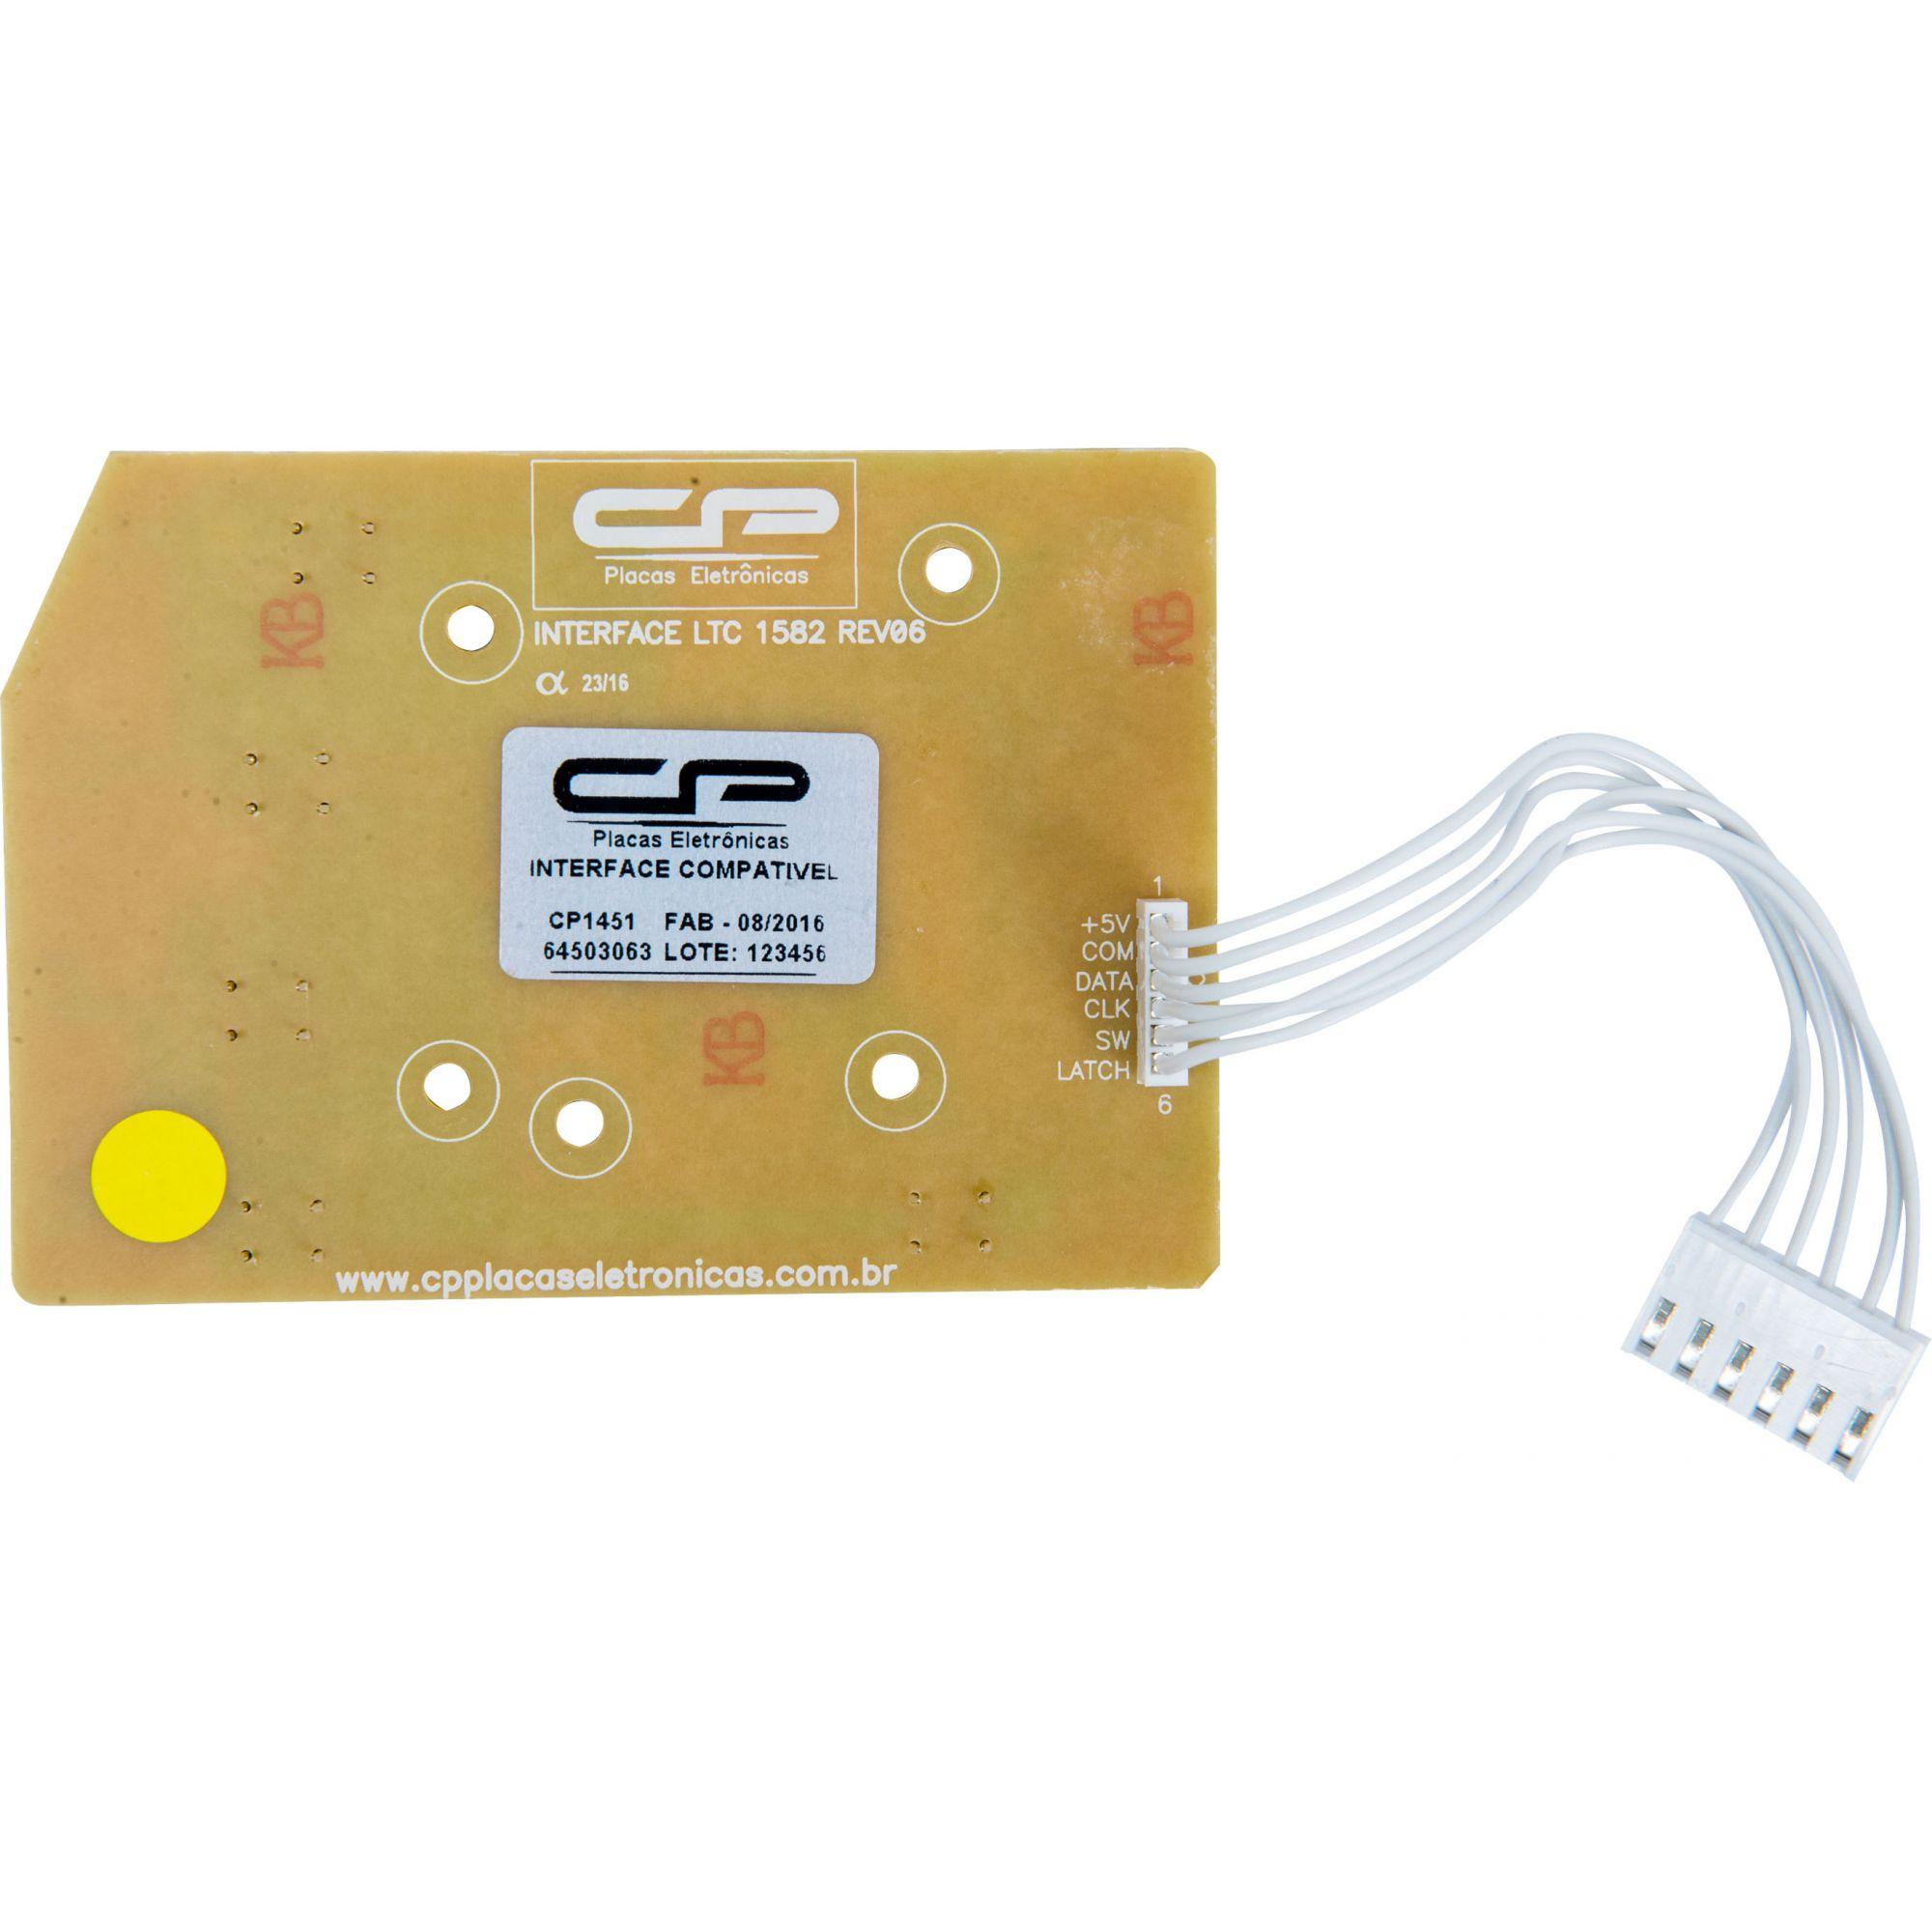 Placa Interface LTC10 / LT12F / LT15F / LTD09 / LTD11 / LTD13 / LTD15 LED Azul Bivolt (CP1451)